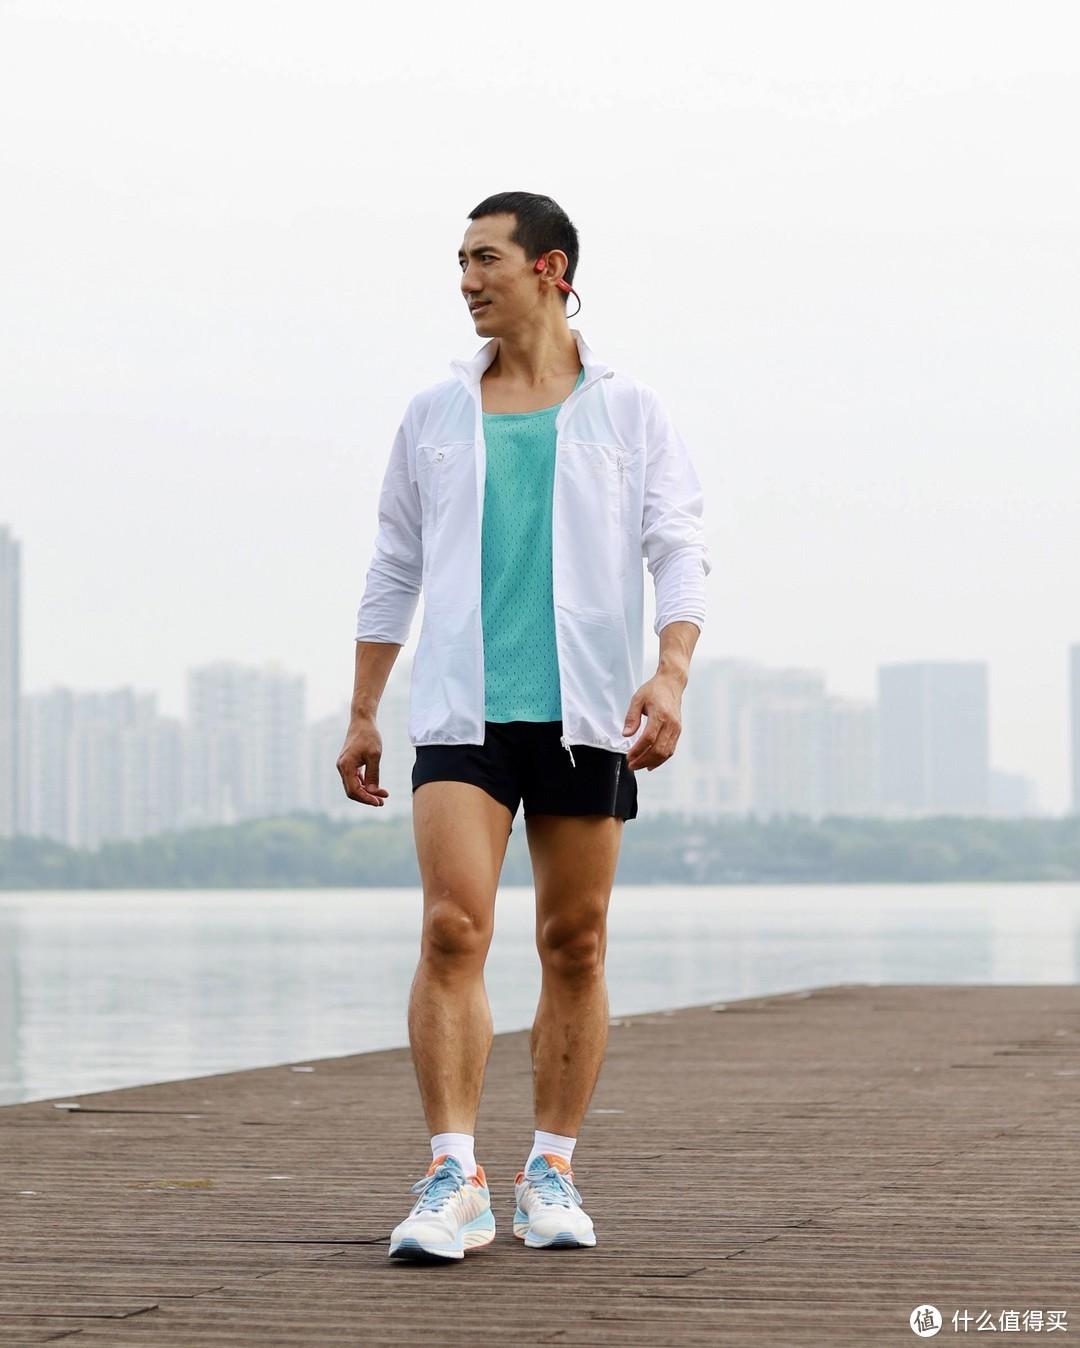 比皮肤衣更好穿跑步风衣,优极UG秋冬跑步风衣体验